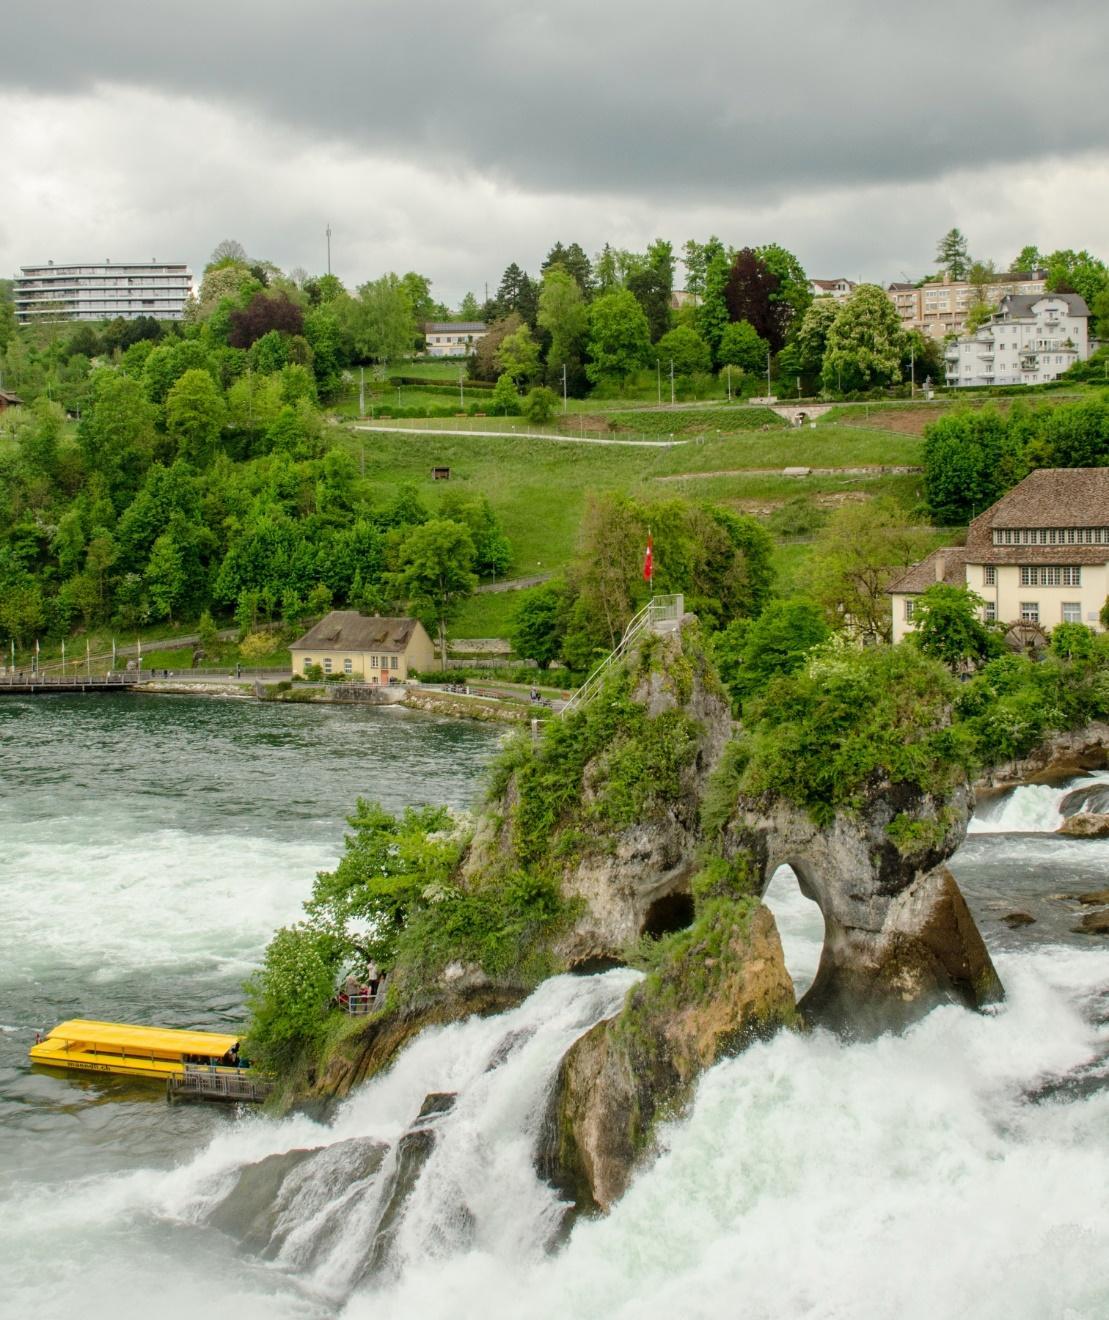 C:\janka\sajat\Jogász Cafe\Bodeni-tó_Bagó Tünde\Rajnától Rajnáig a Bodeni-tó mellett\Fotó11_kicsik.jpg